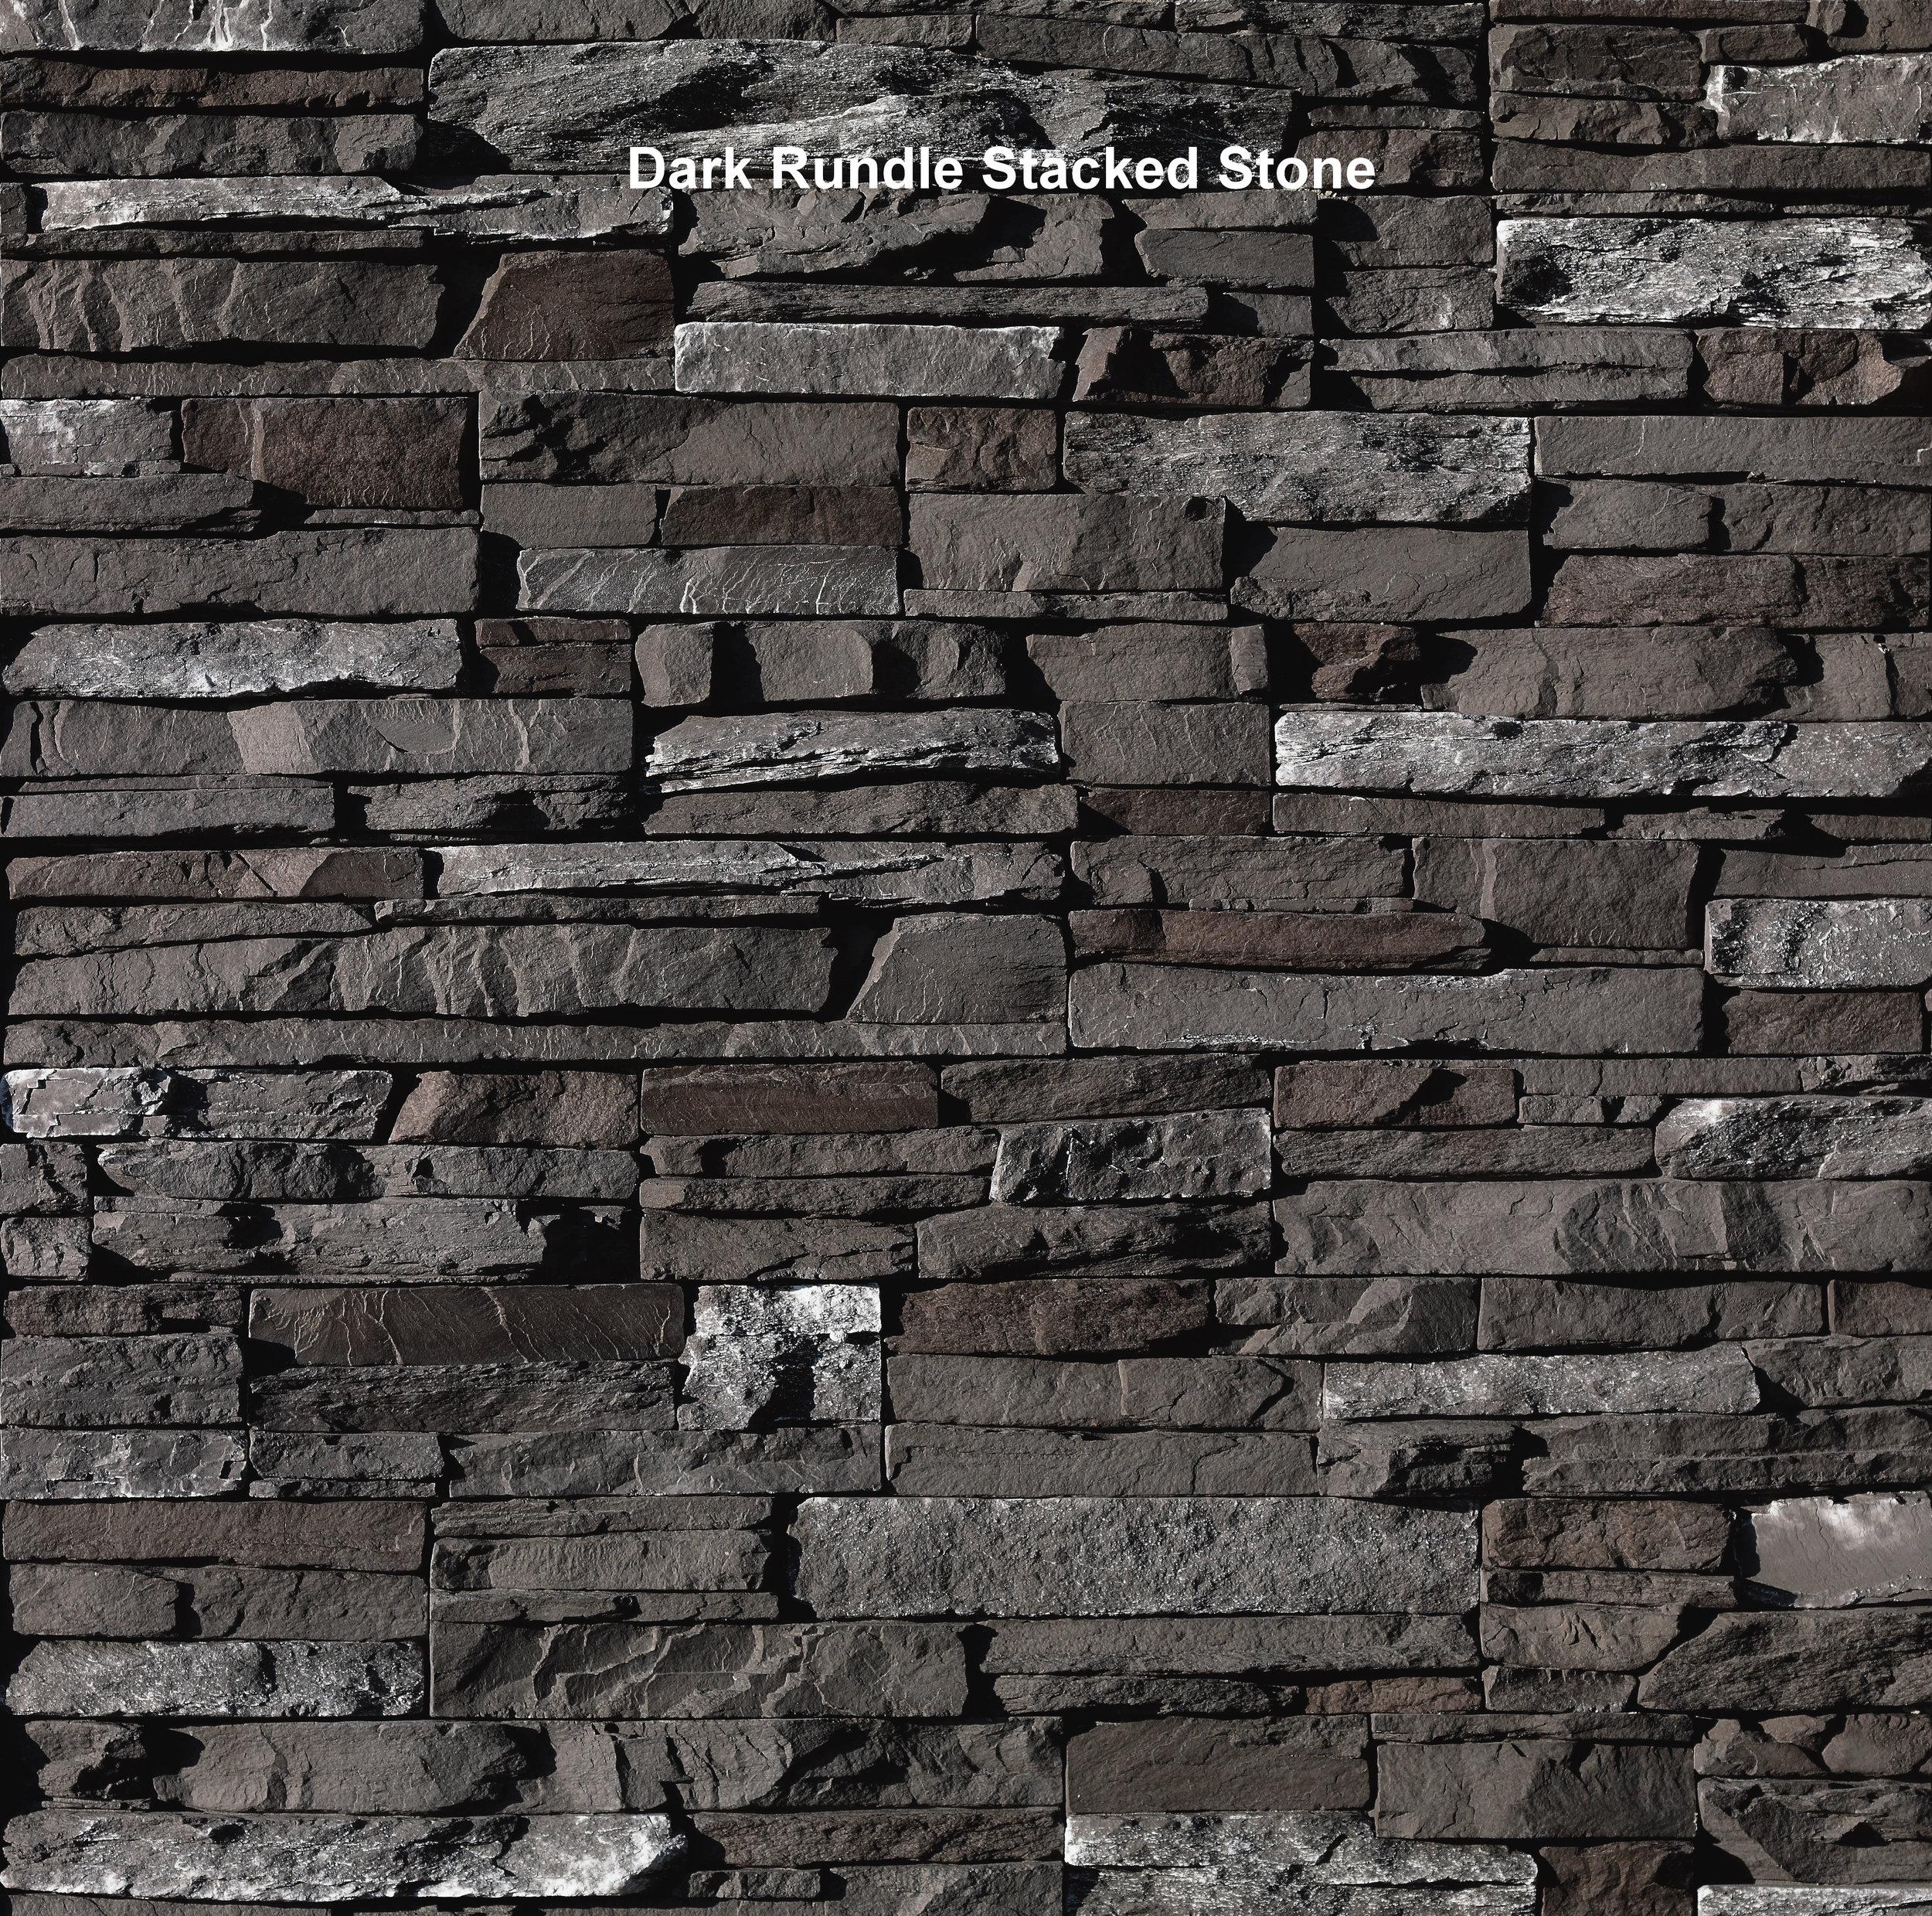 ES_Stacked Stone_DarkRundle_profile_east.jpg